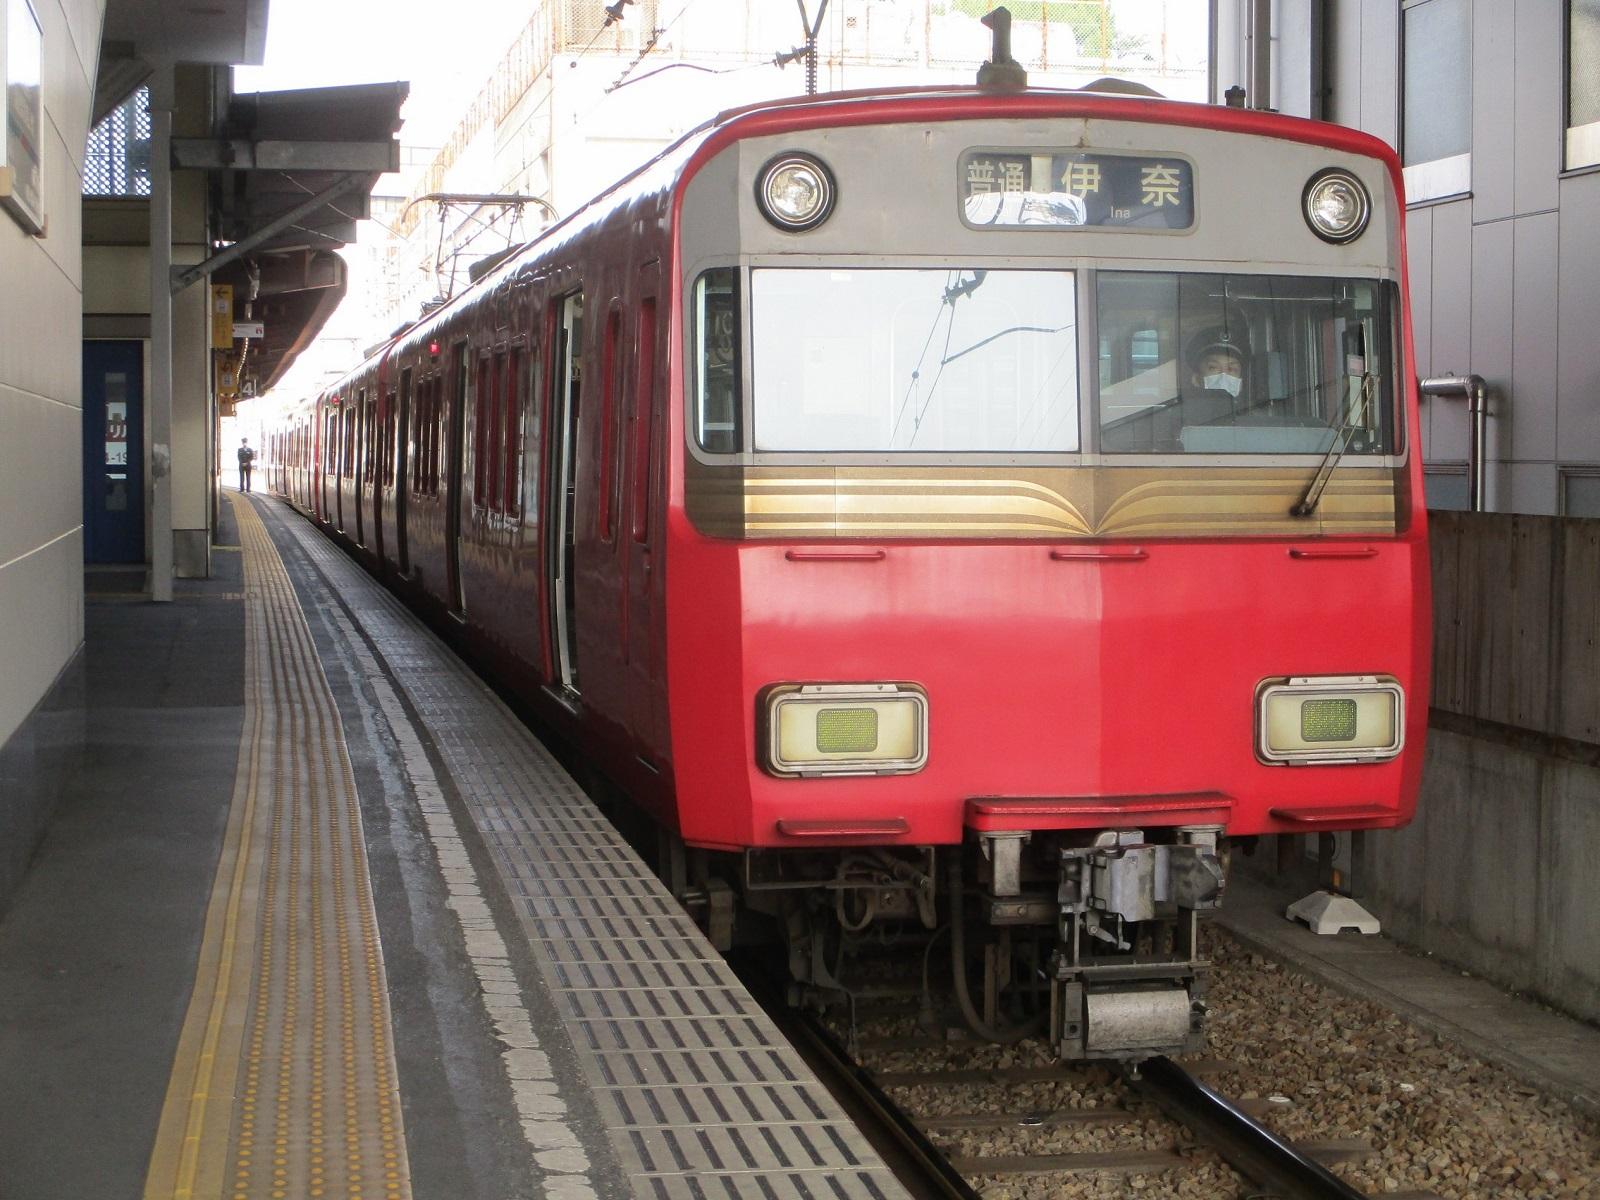 2020.3.22 (7) 東岡崎 - 犬山いきふつう 1600-1200